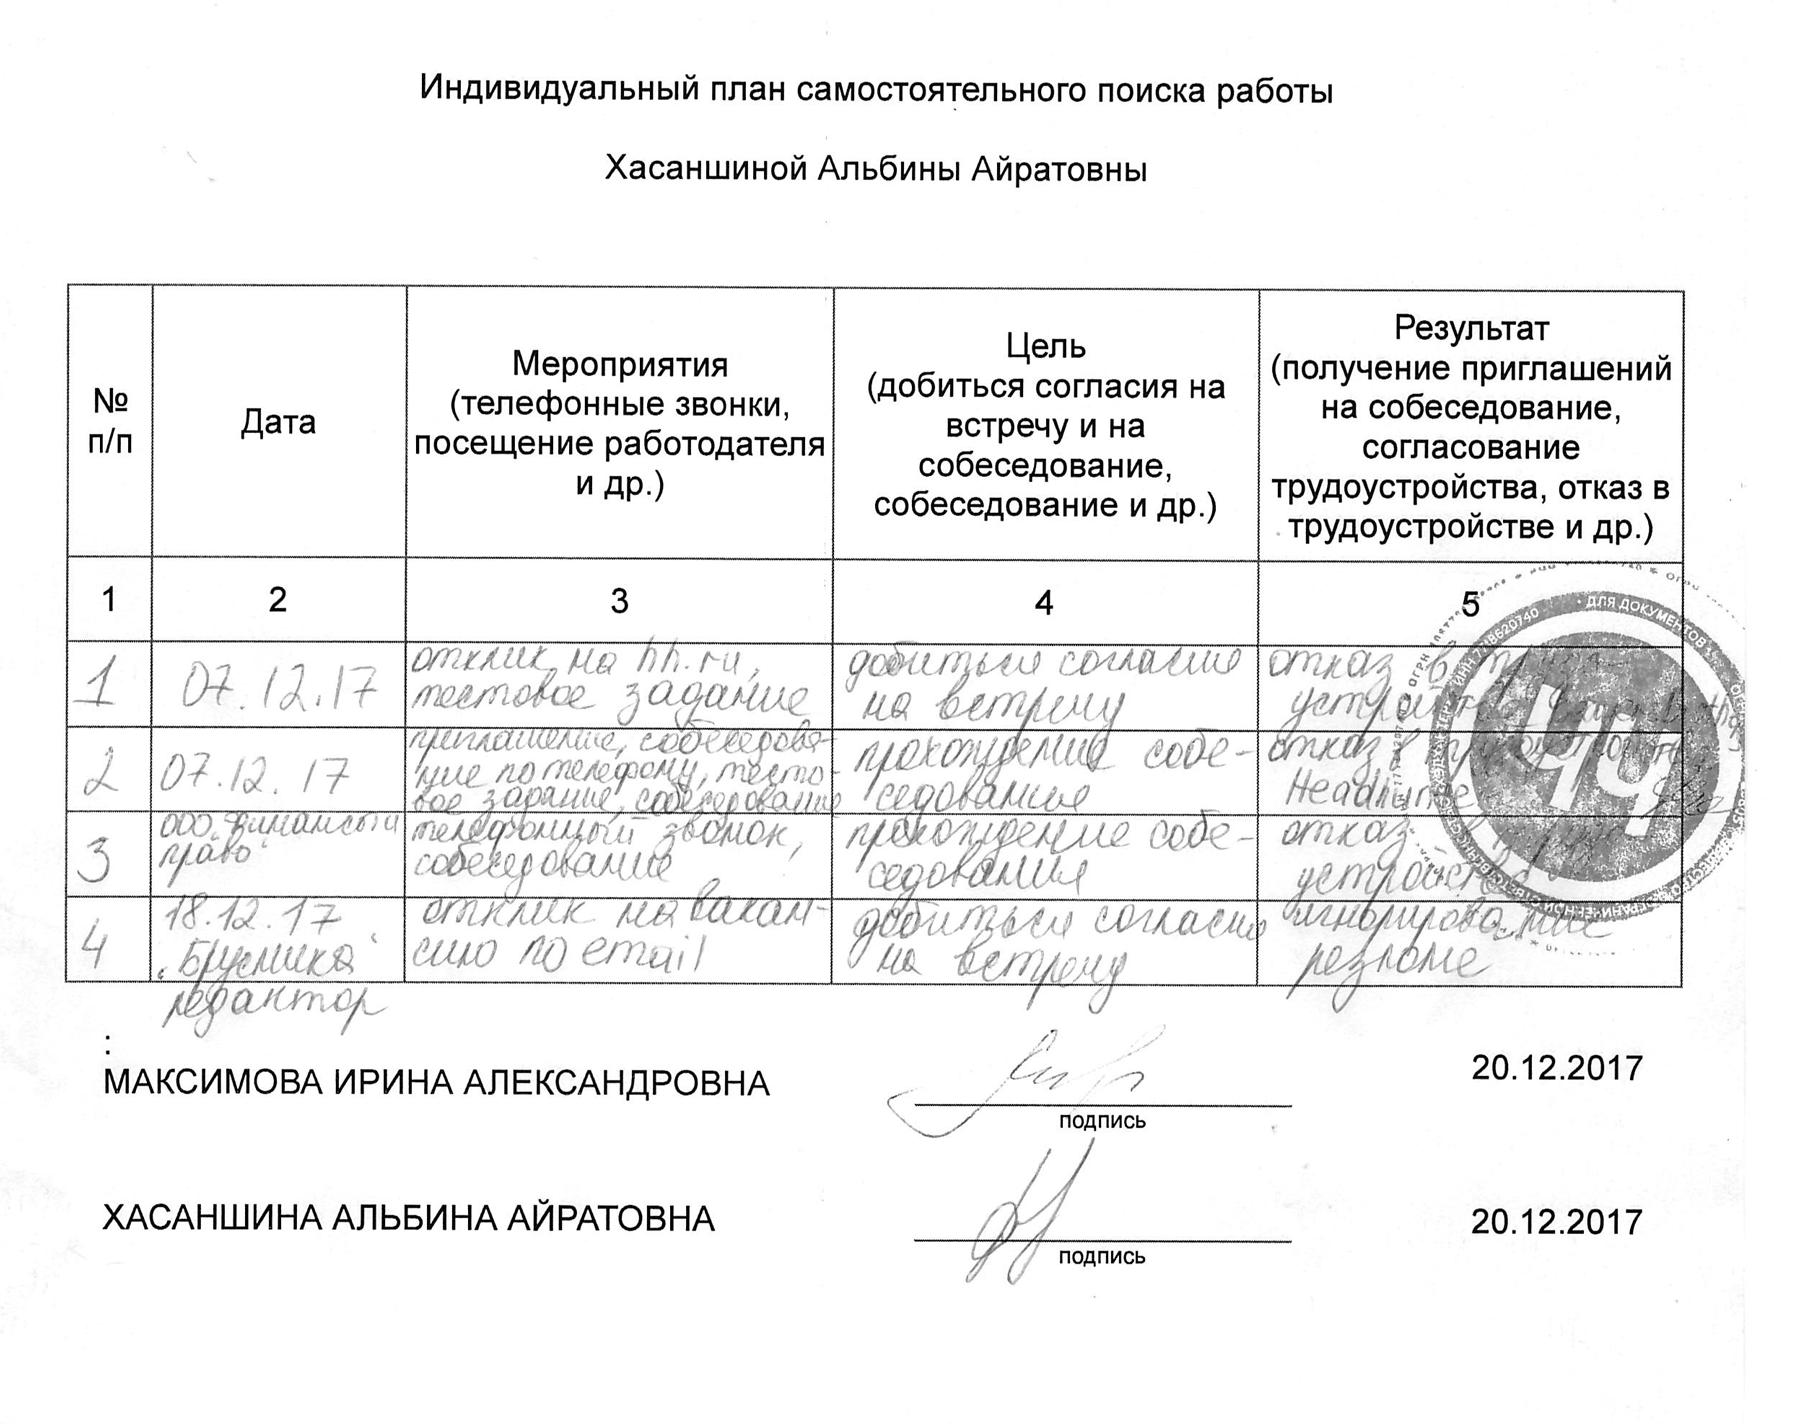 Адрес архива где хранятся документы строительных организаций которые закрылись